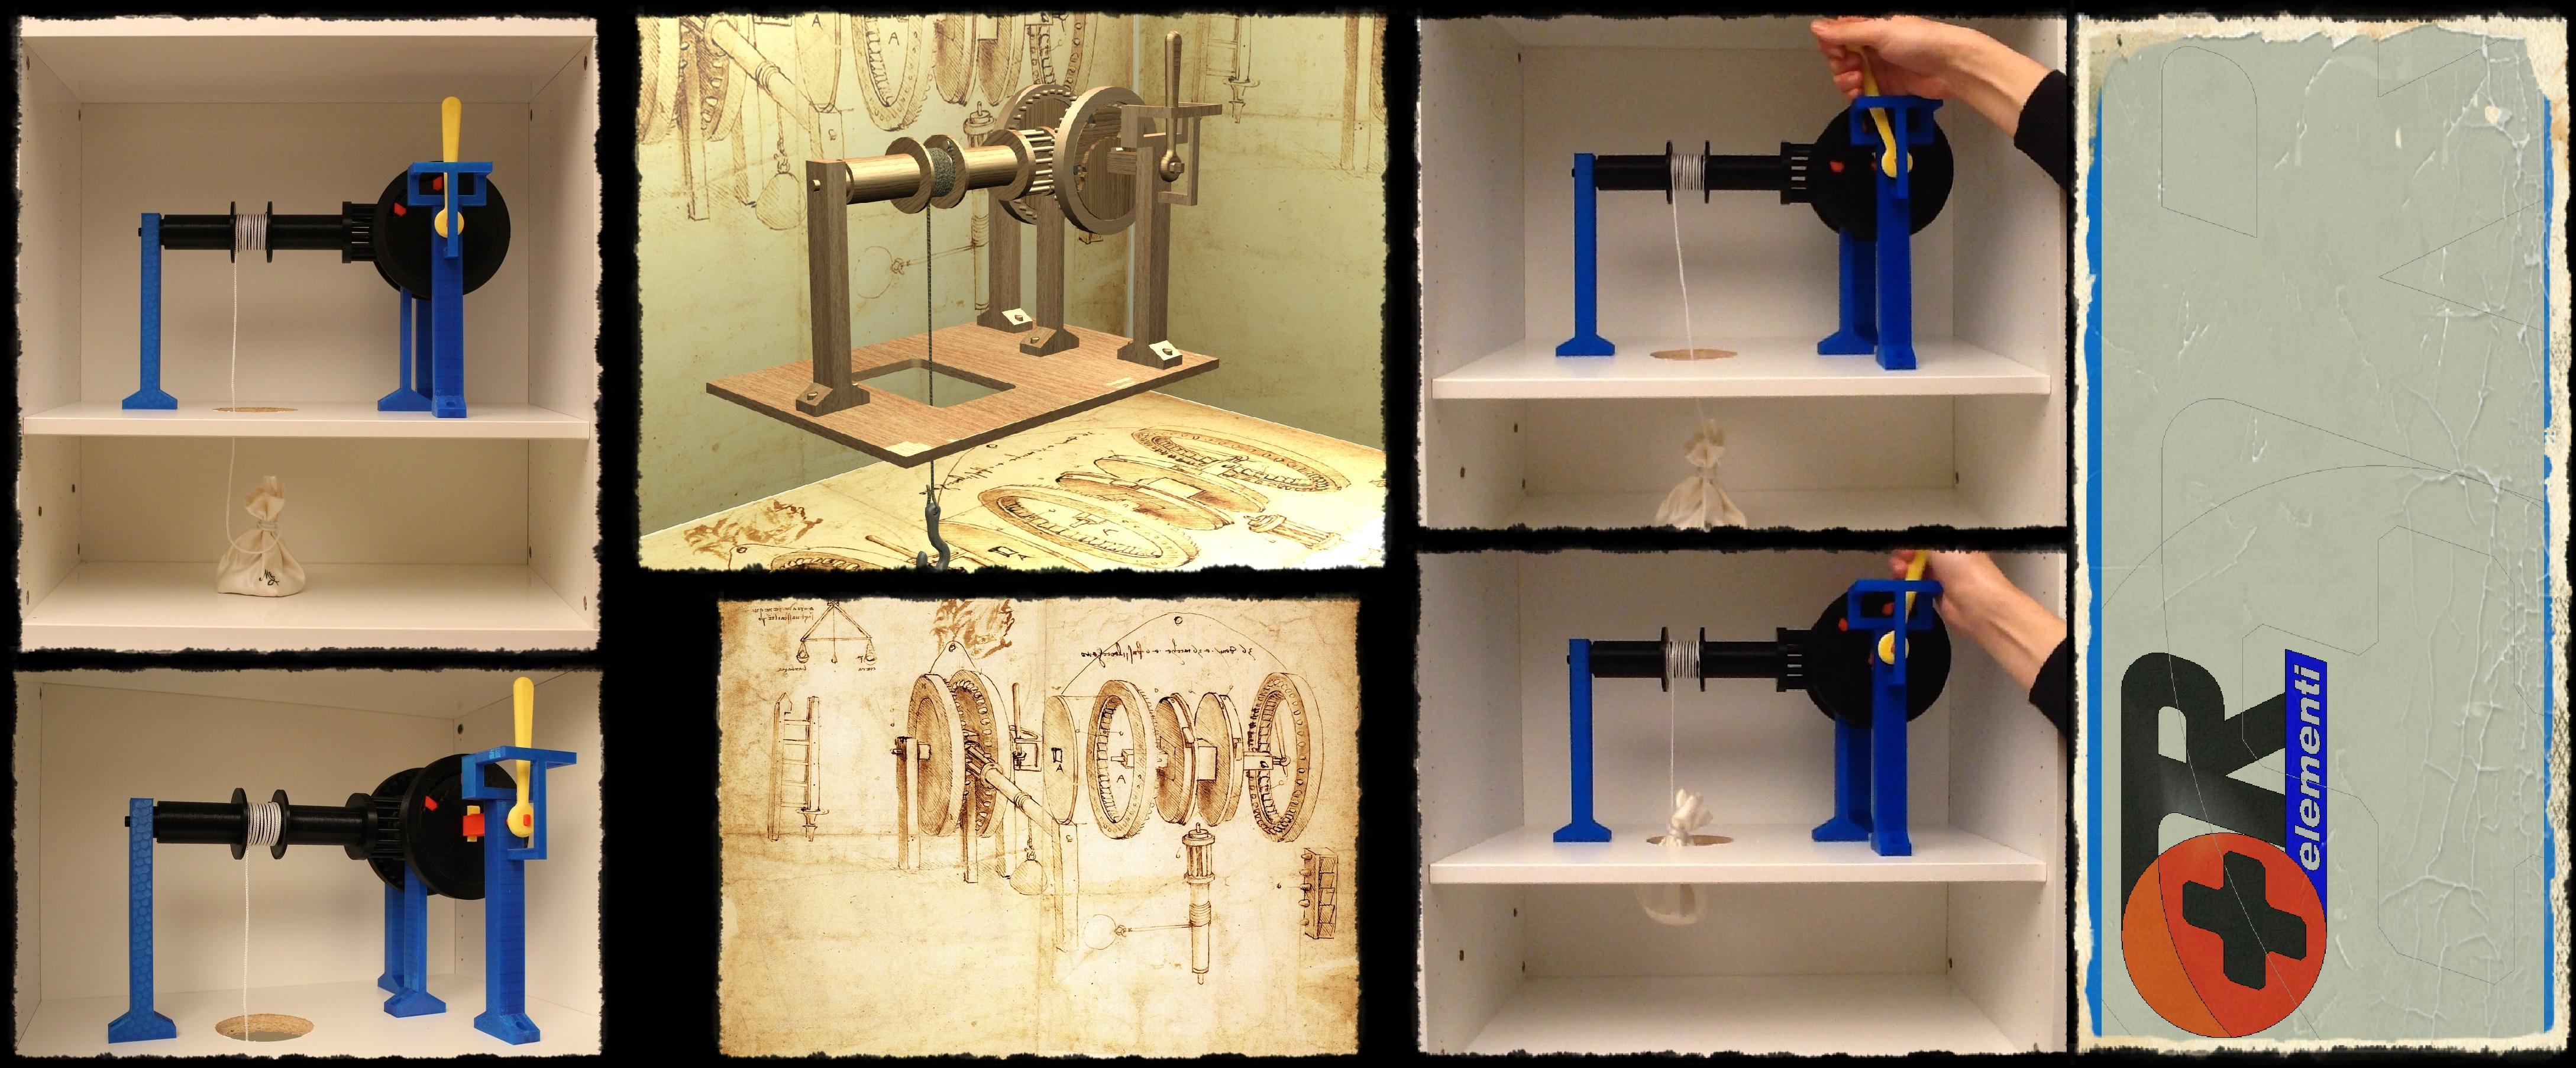 Codex Atlanticus 30V - Leonardo Da Vinci's machine, 3D printable-set educational